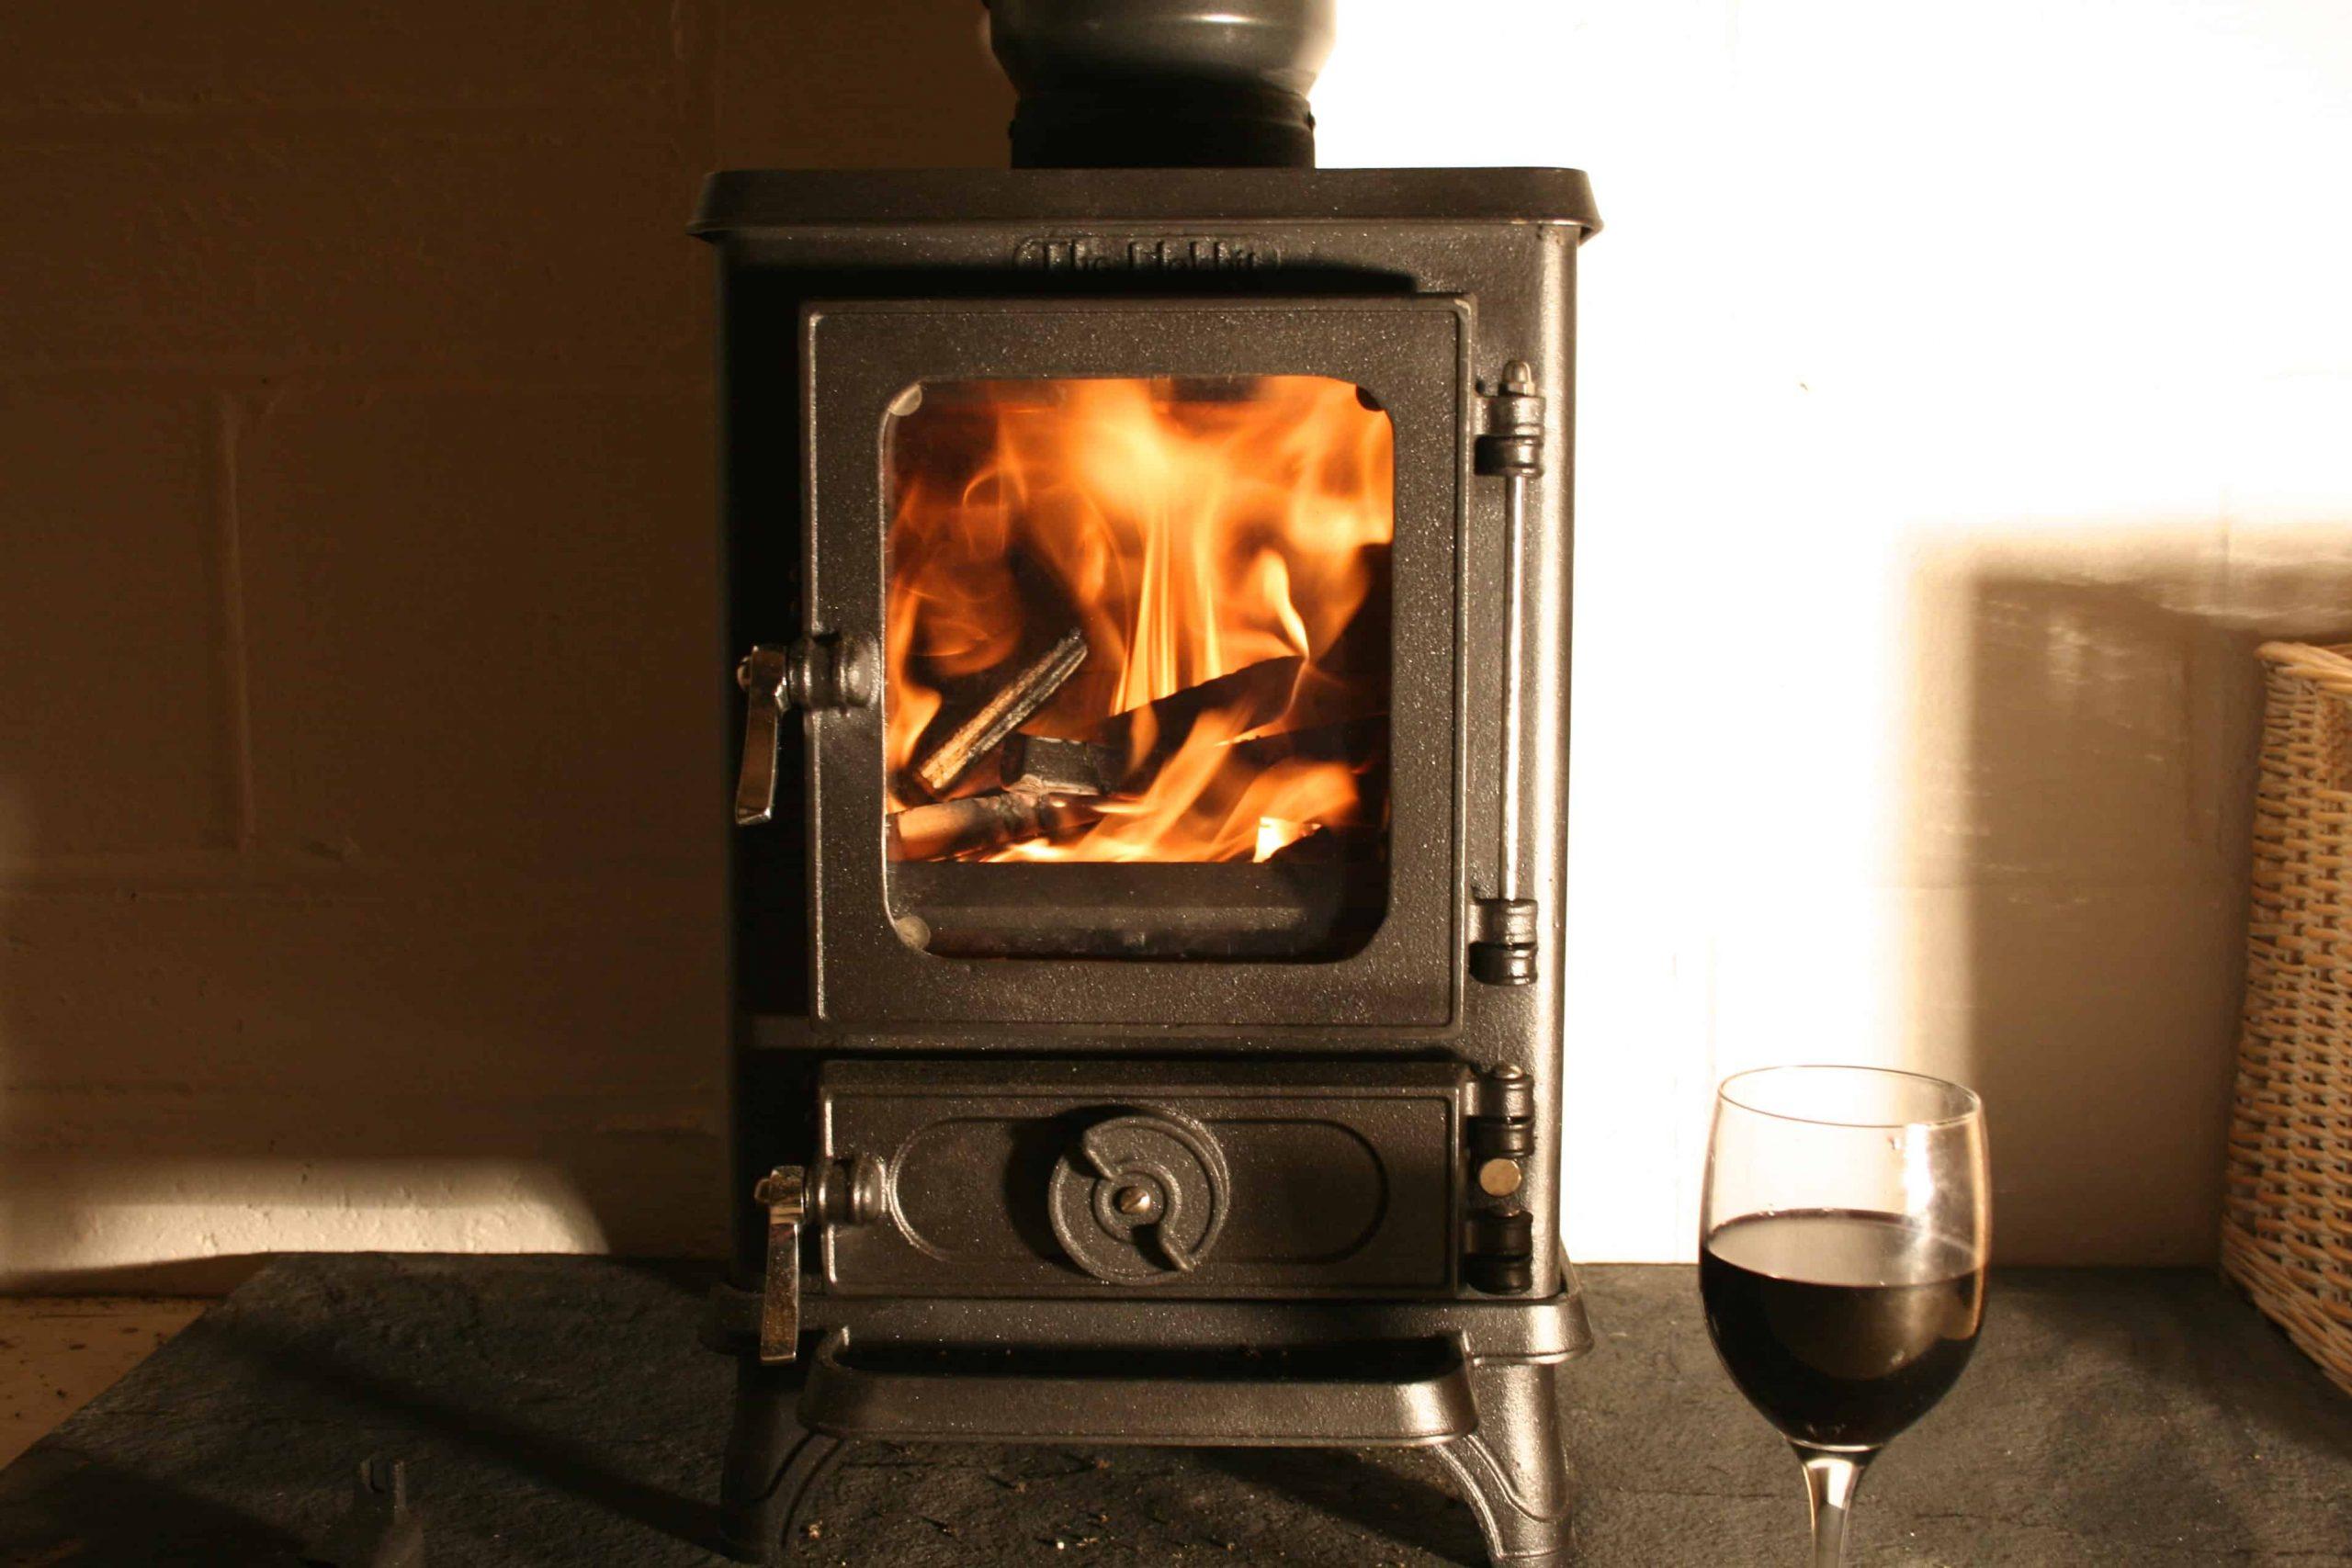 Hobbit stove by Salamander